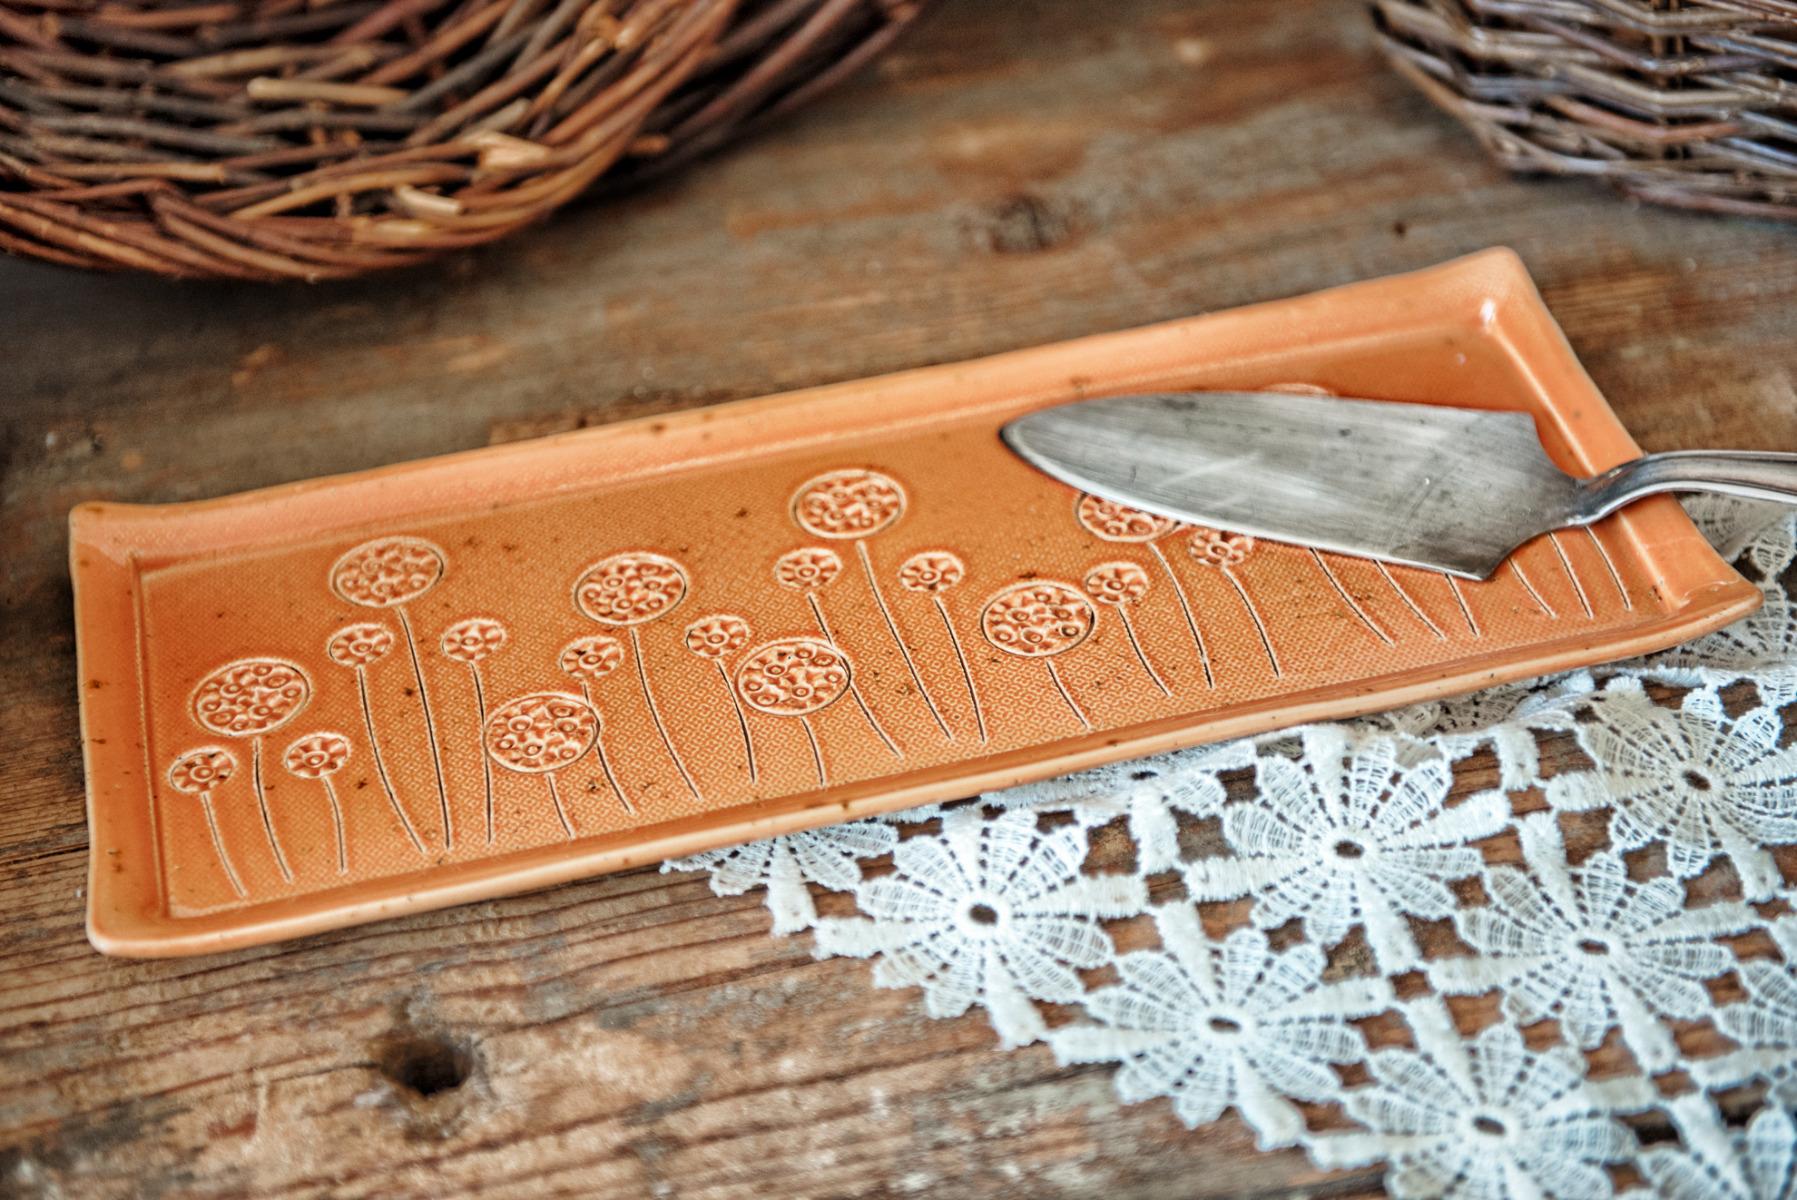 Ein Kuchentablett mit Blumen, die liebevoll mit Hand in den Ton geritzt werden.